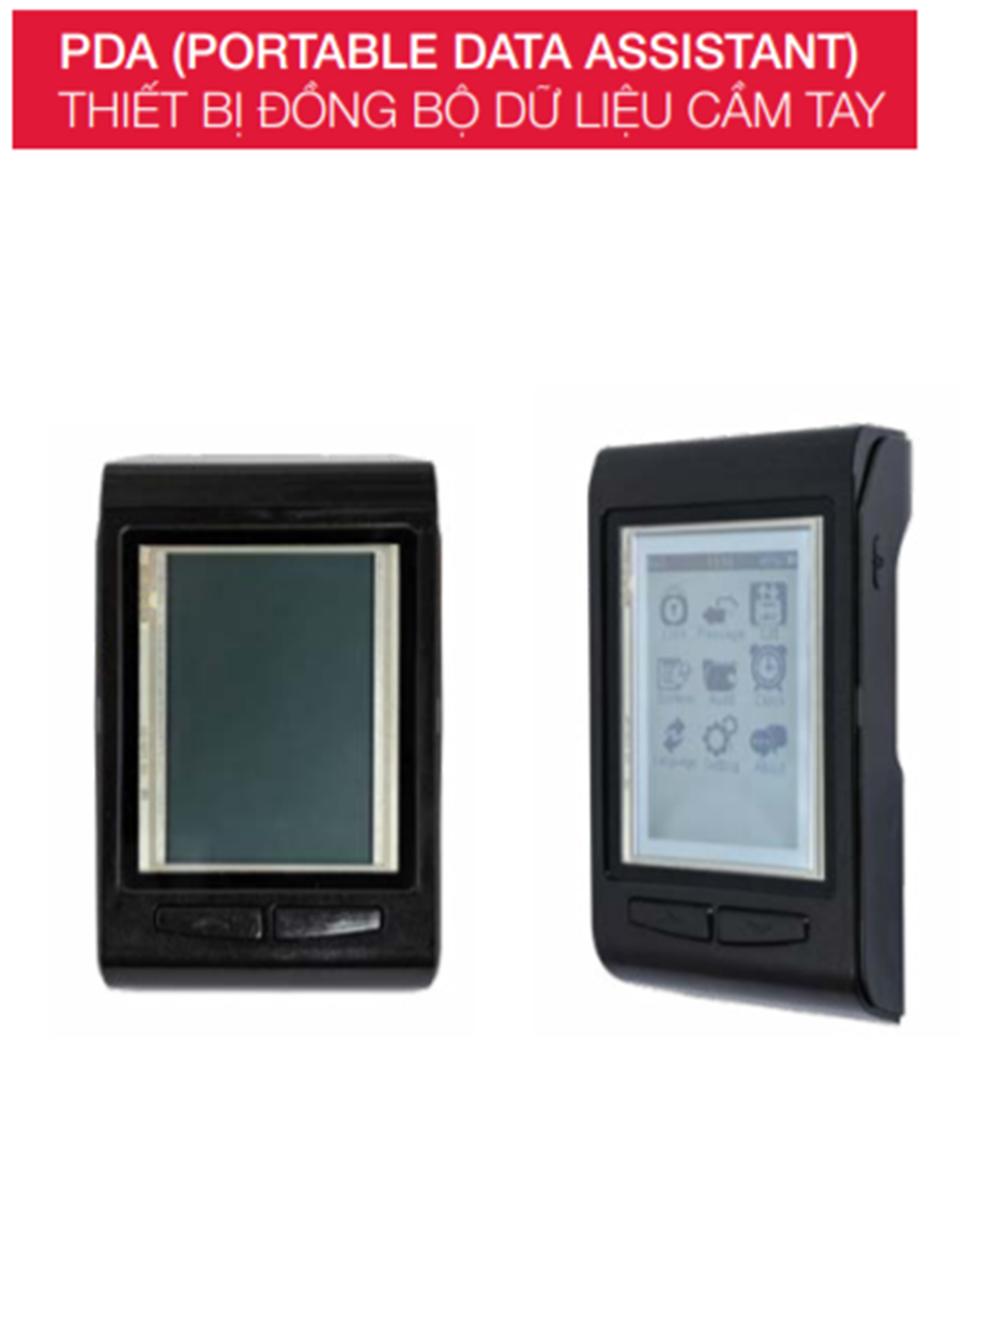 Thiết Bị Đồng Bộ Dữ Liệu PDA Hafele 912.20.007